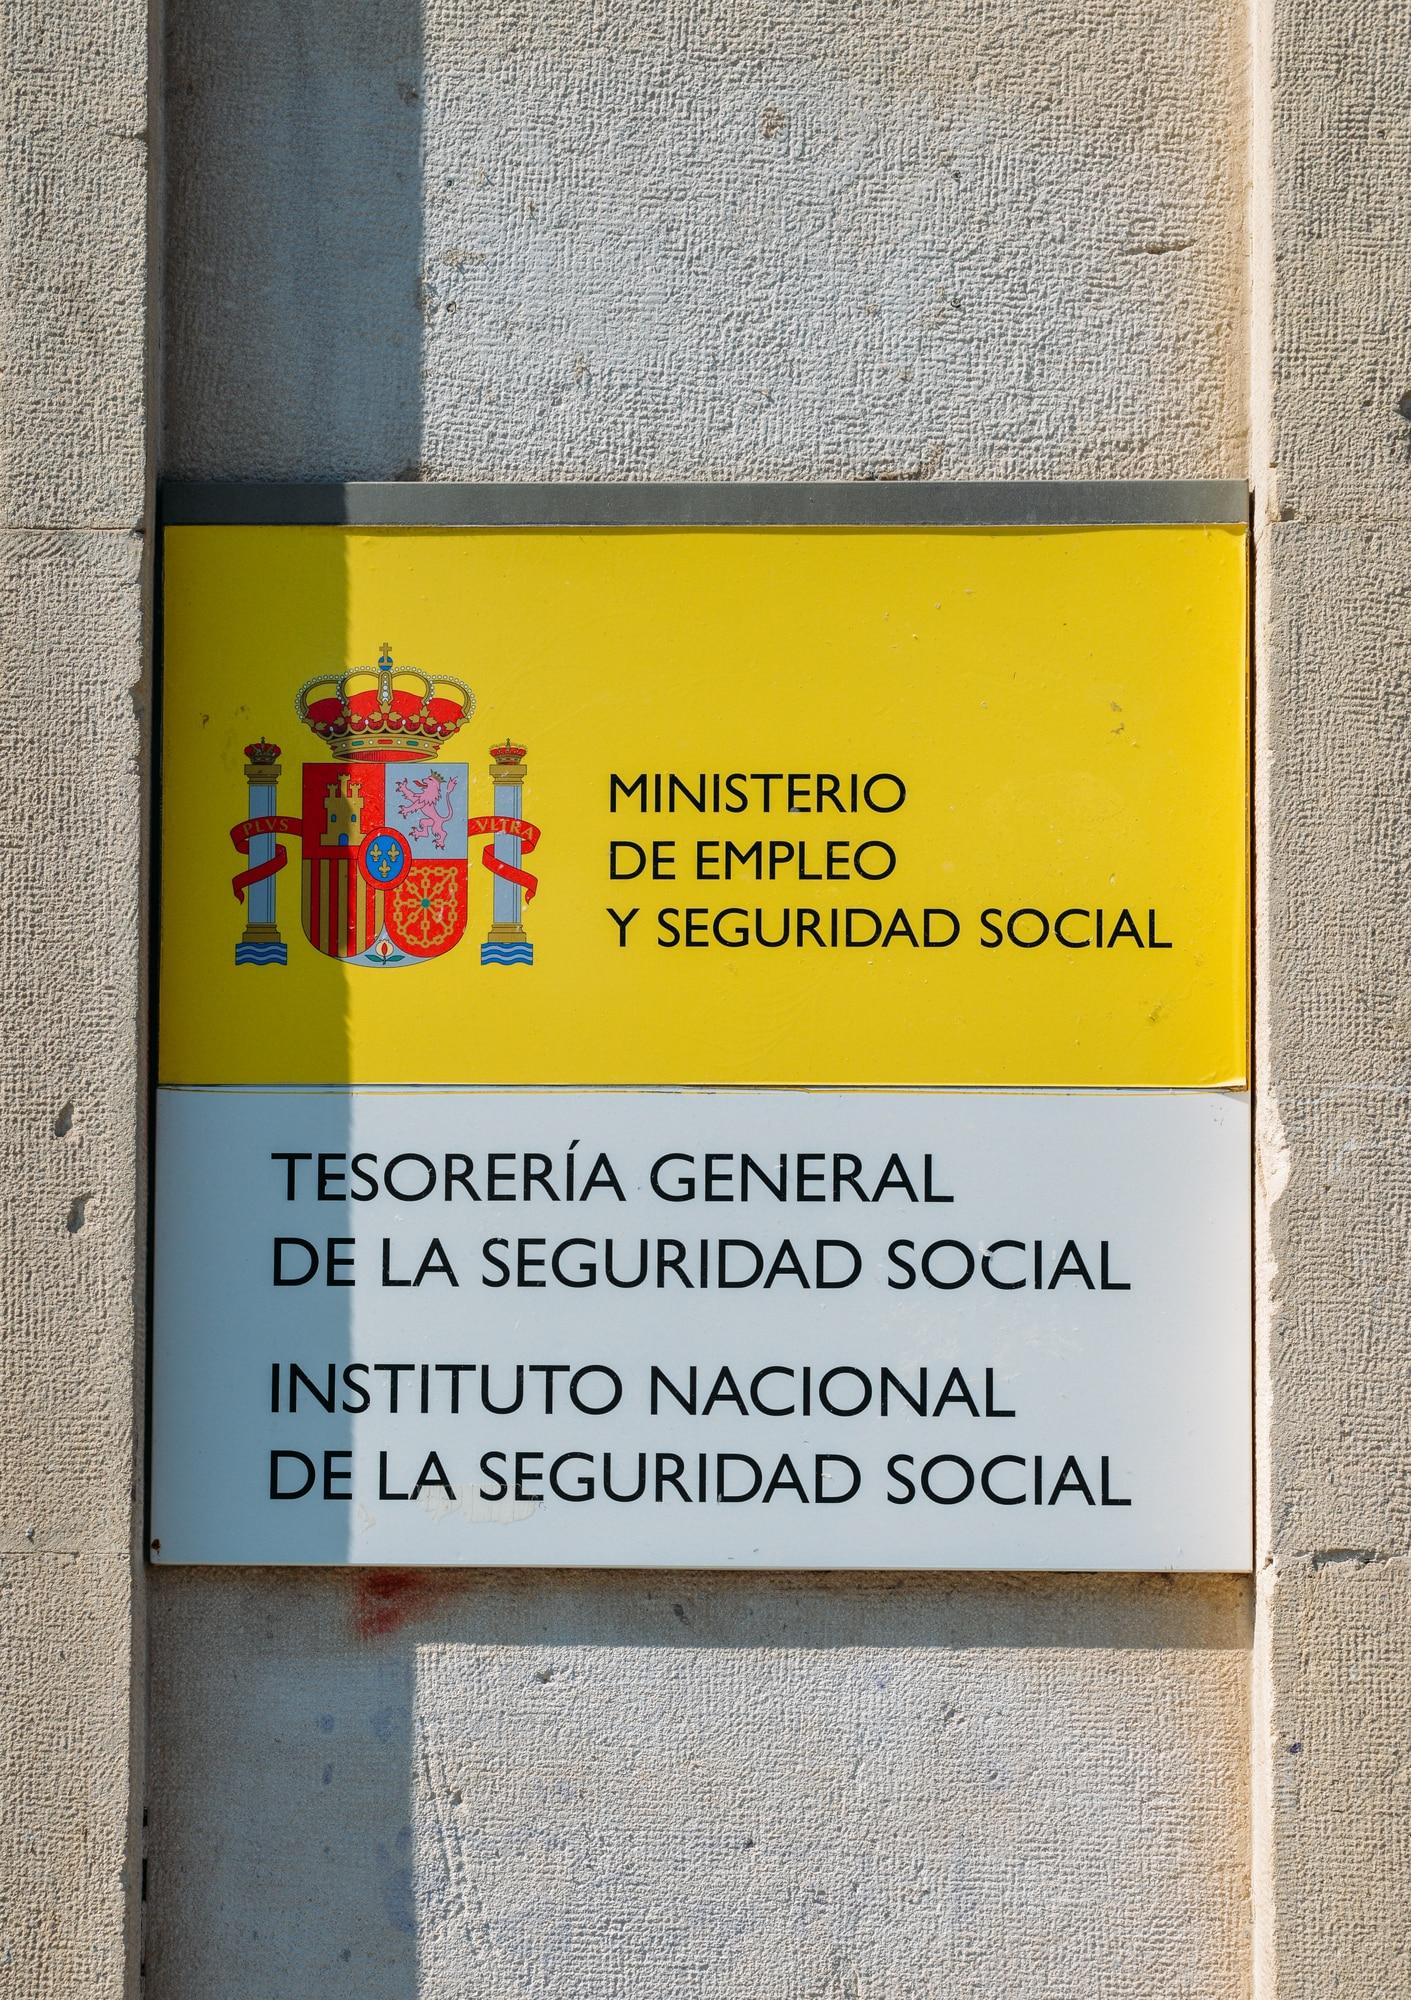 Letrero fachada de Tesorería de la Seguridad Social